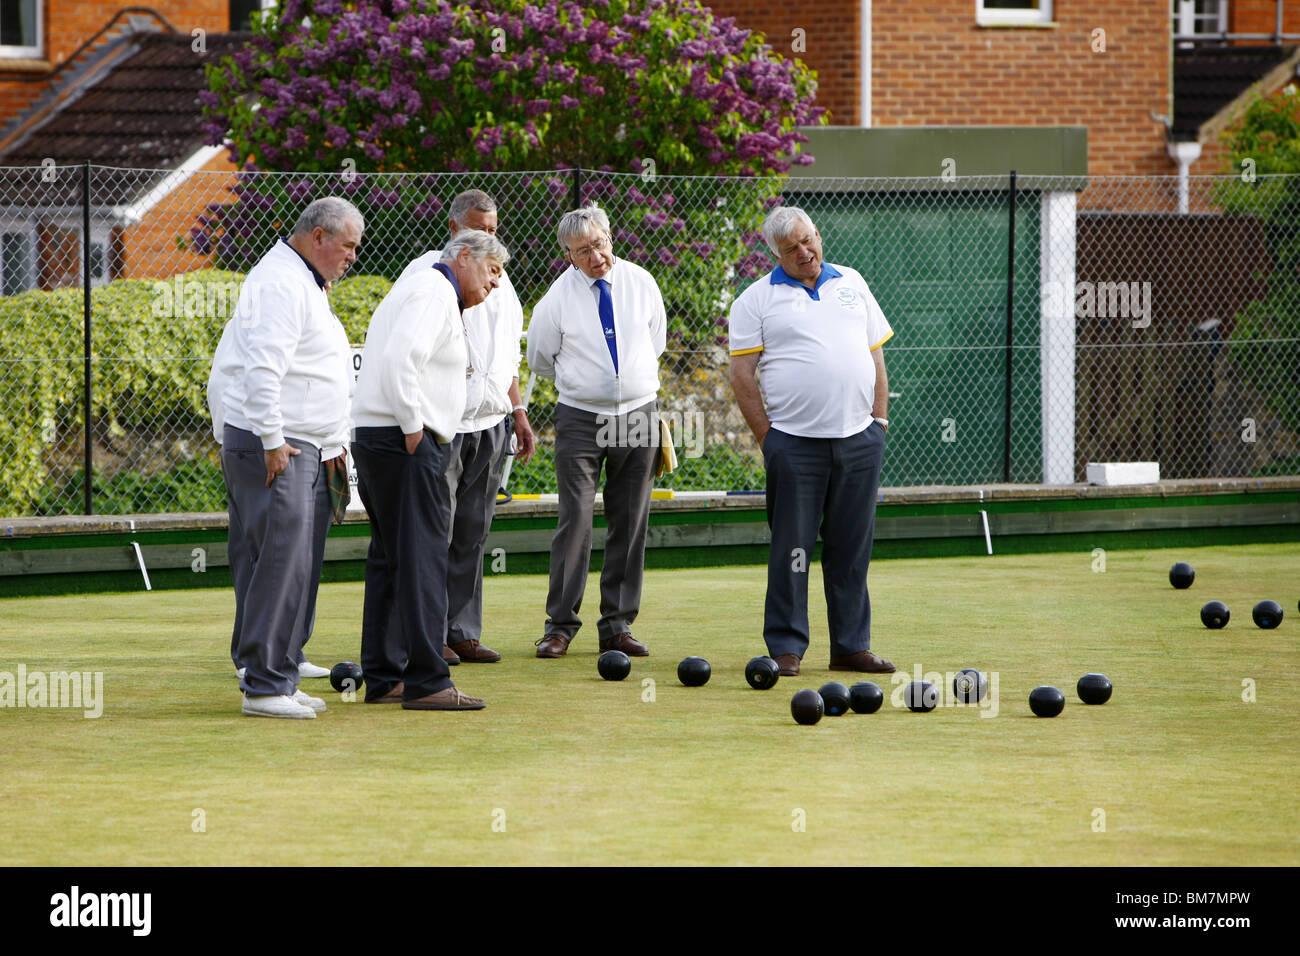 Una corona verde serata di bocce tournament - un bel gioco di sedare per i pensionati ma uno sport molto competitivo Immagini Stock